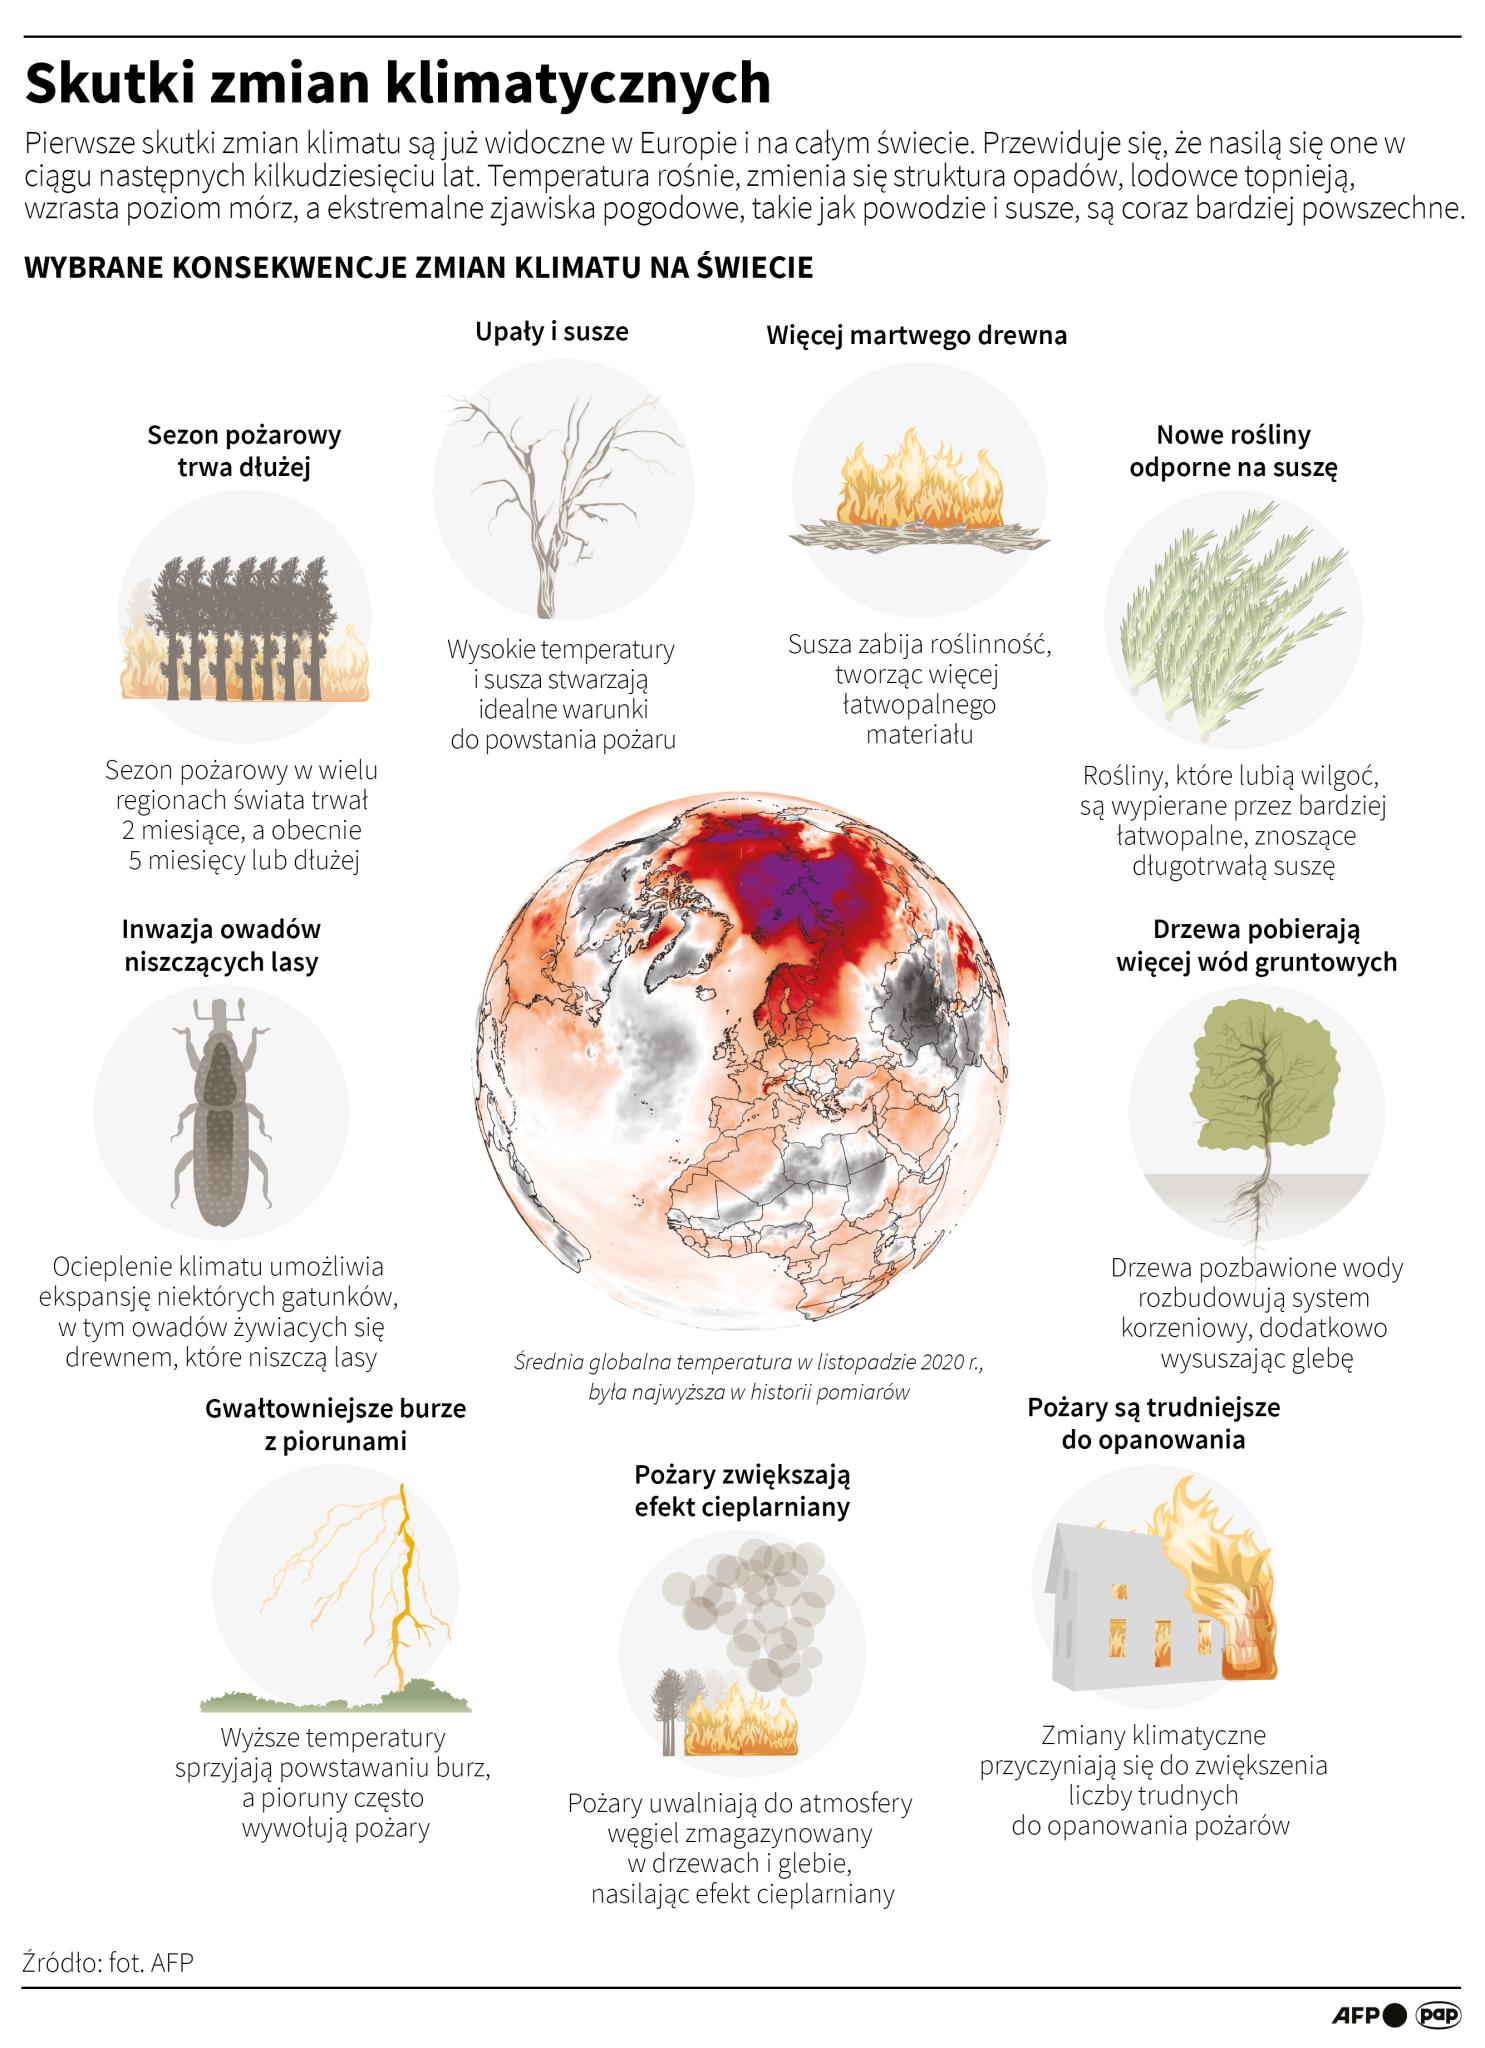 Skutki zmian klimatycznych